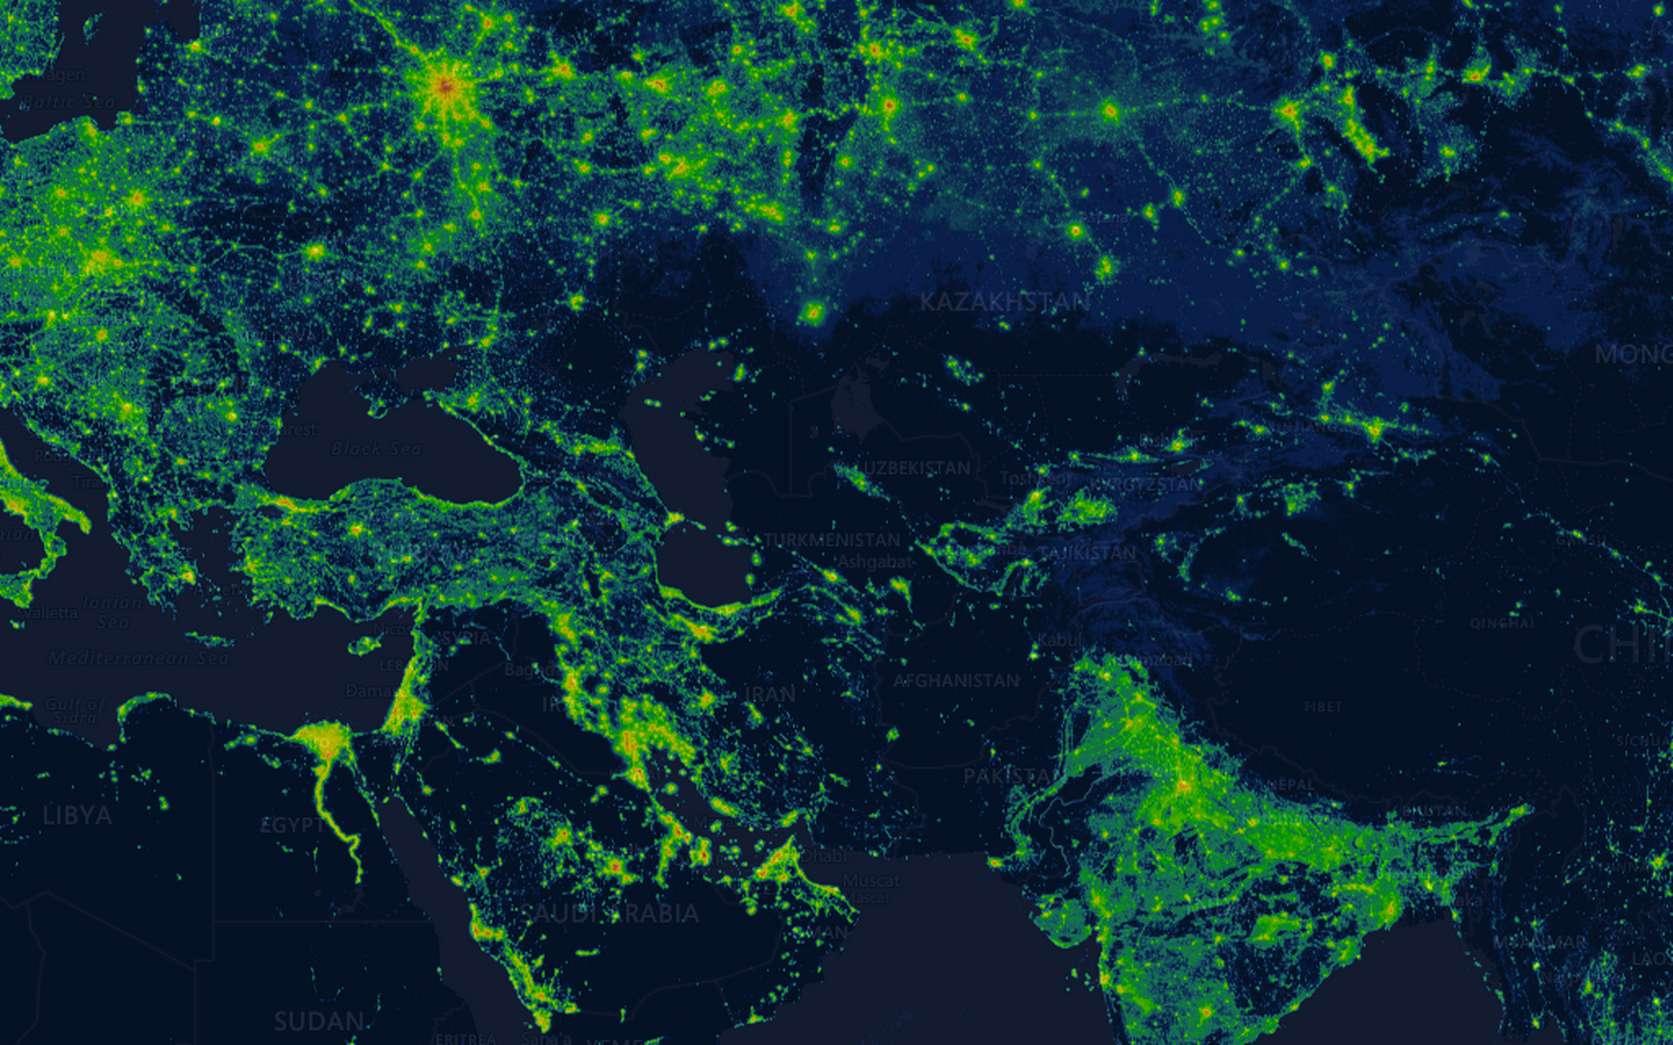 Le site Radiance Light Trends permet de visualiser en temps réel l'éclairage nocturne en n'importe quel point du globe. © capture écran Radiance Light Trends